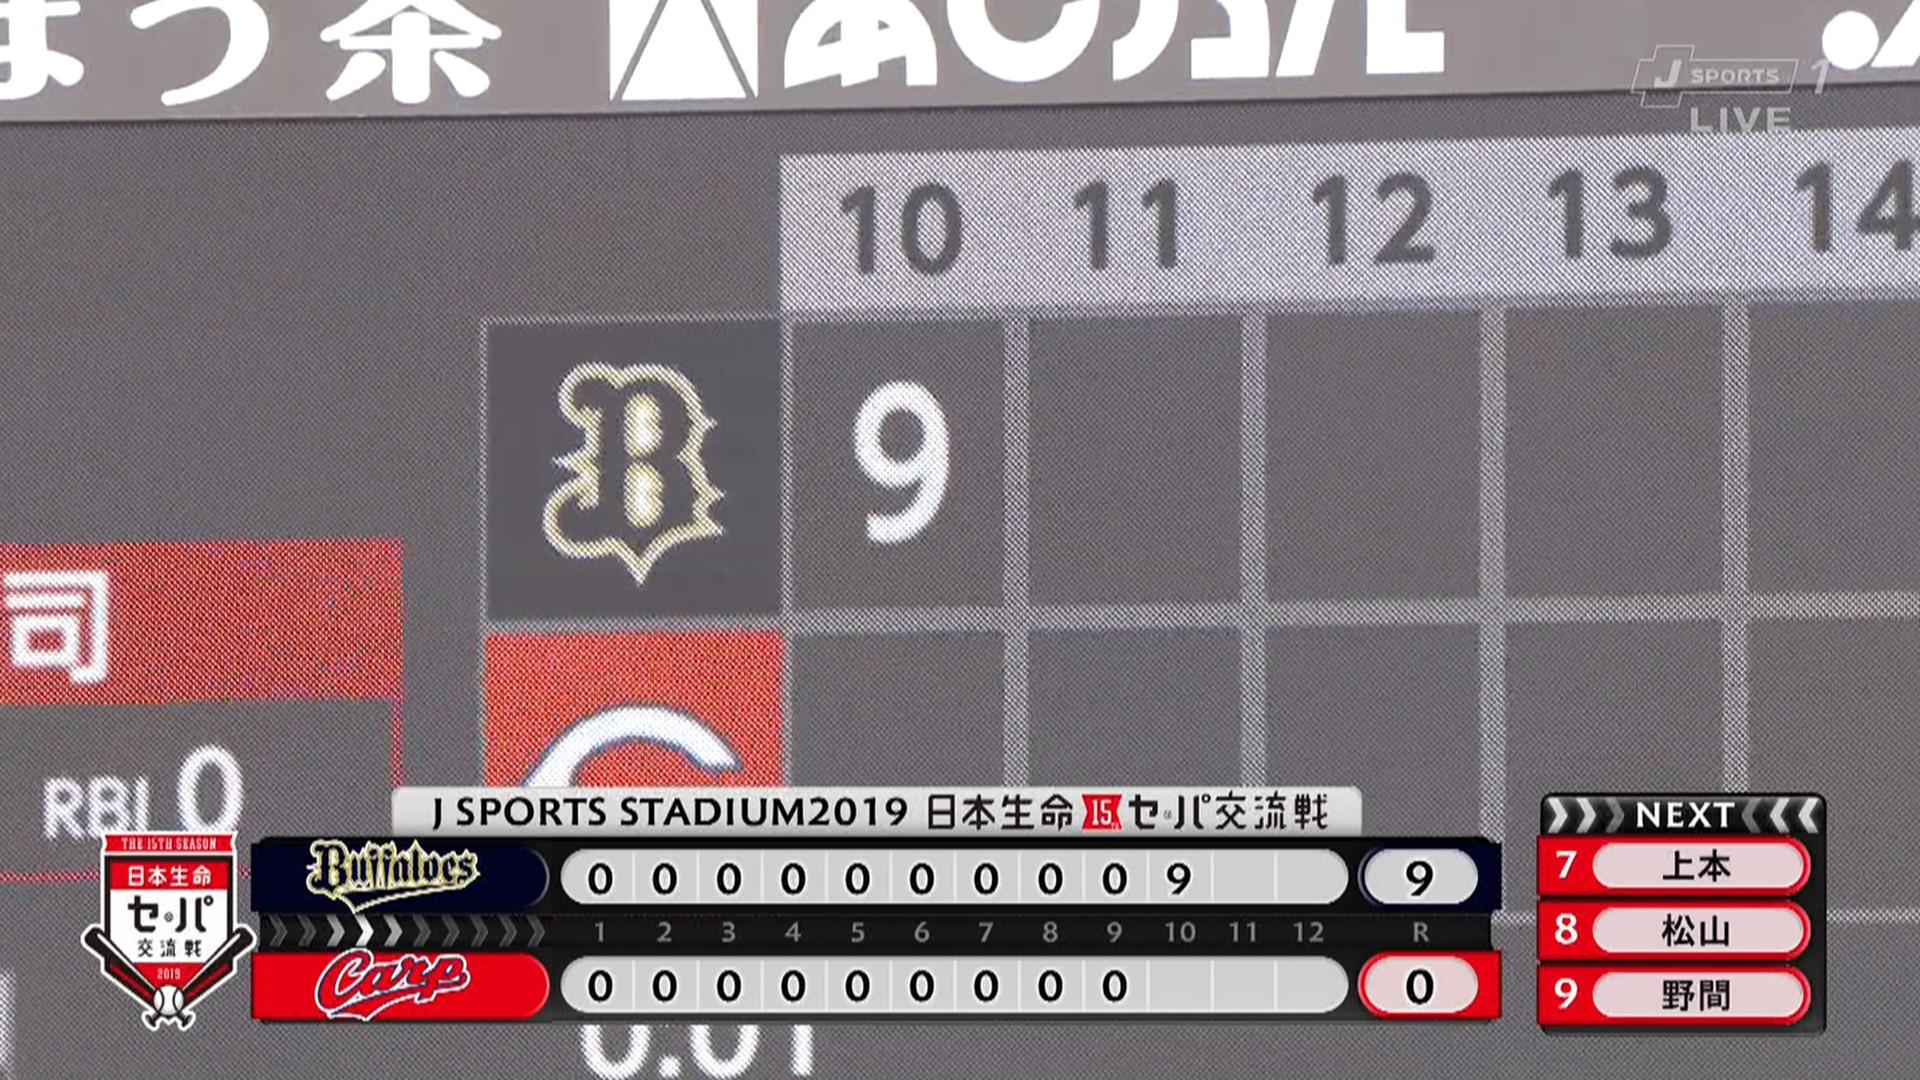 【三塁打祭り】 オリックス、延長10回2アウトから9得点! 今季初の3タテ&日曜日初勝利